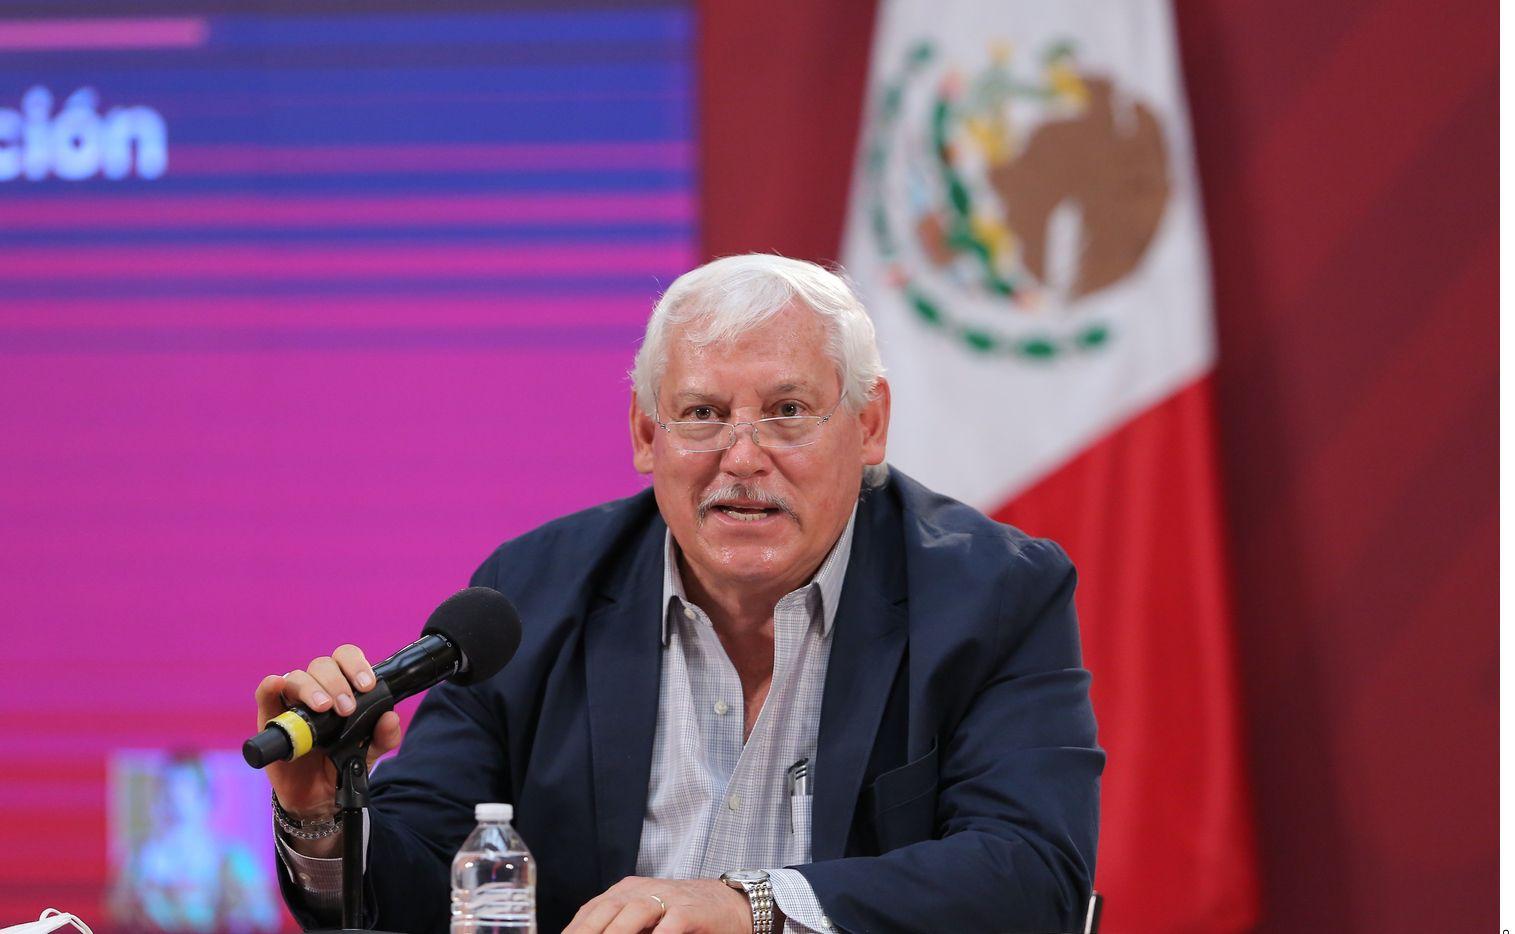 Víctor Villalobos Arámbula, Secretario de Agricultura y Desarrollo Rural, fue diagnosticado con Covid-19, por lo que se mantendrá en aislamiento y trabajando desde casa.